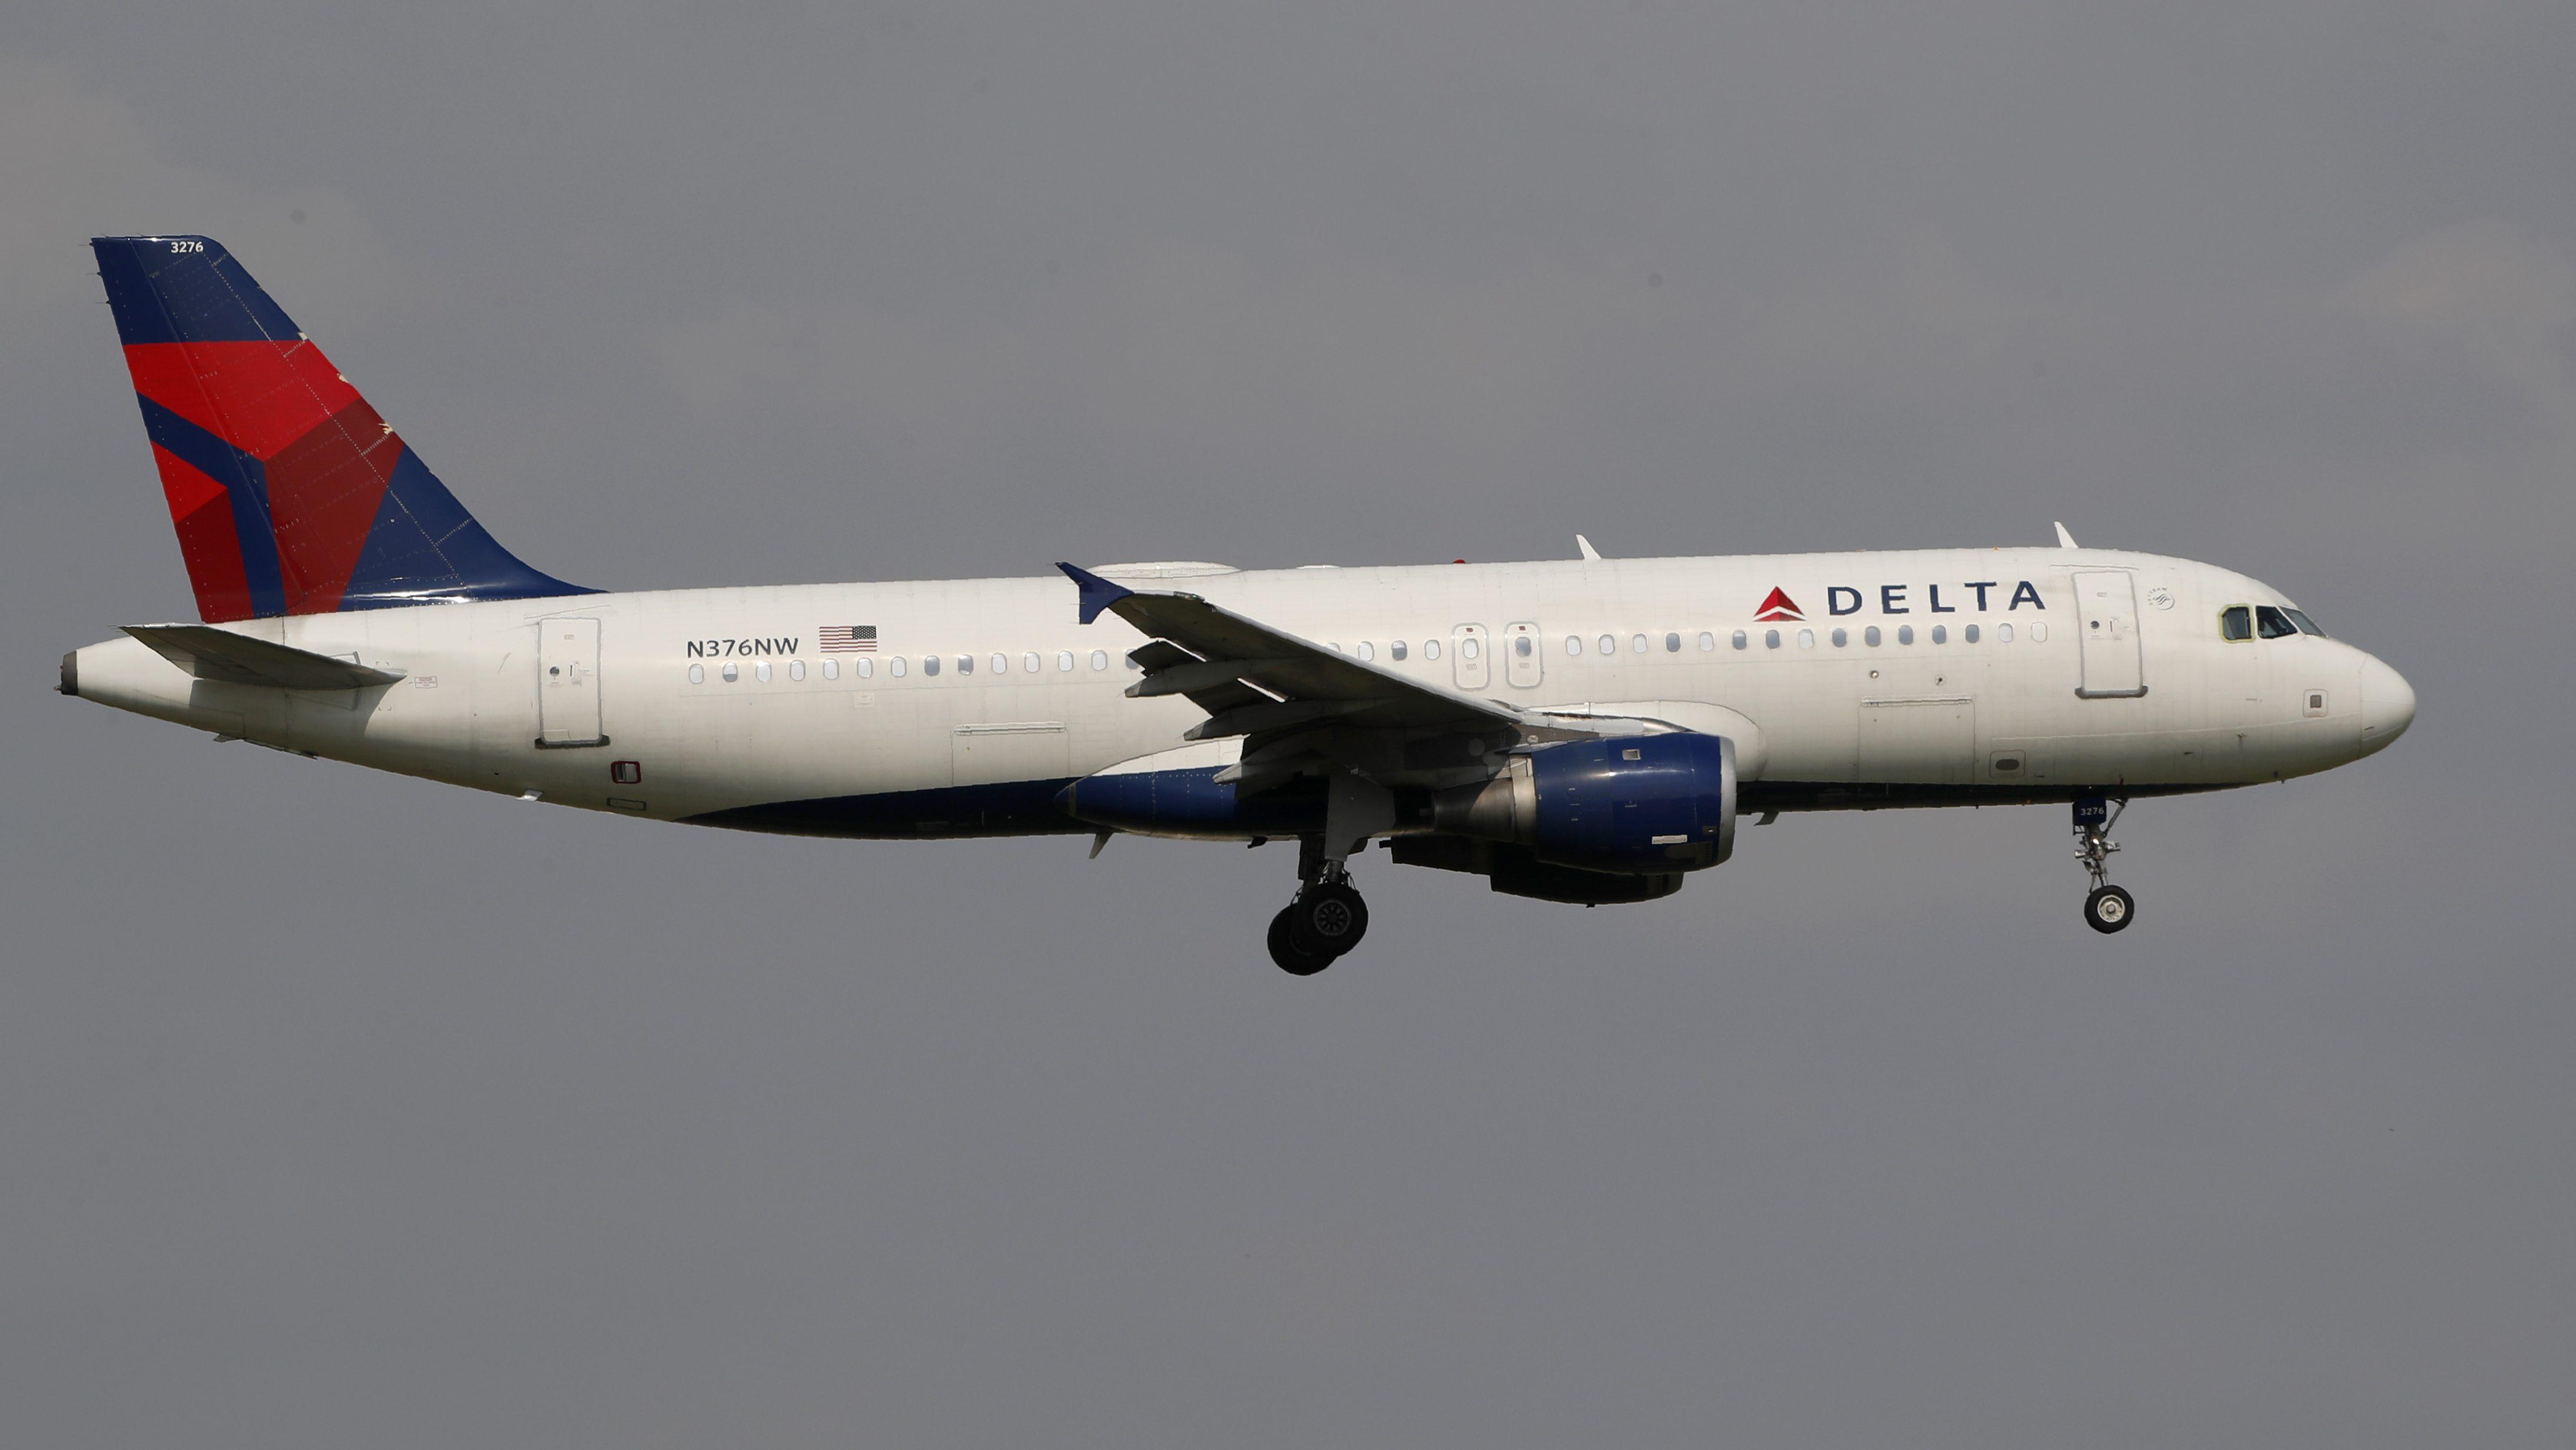 A Delta Air Lines flight against a grey sky.